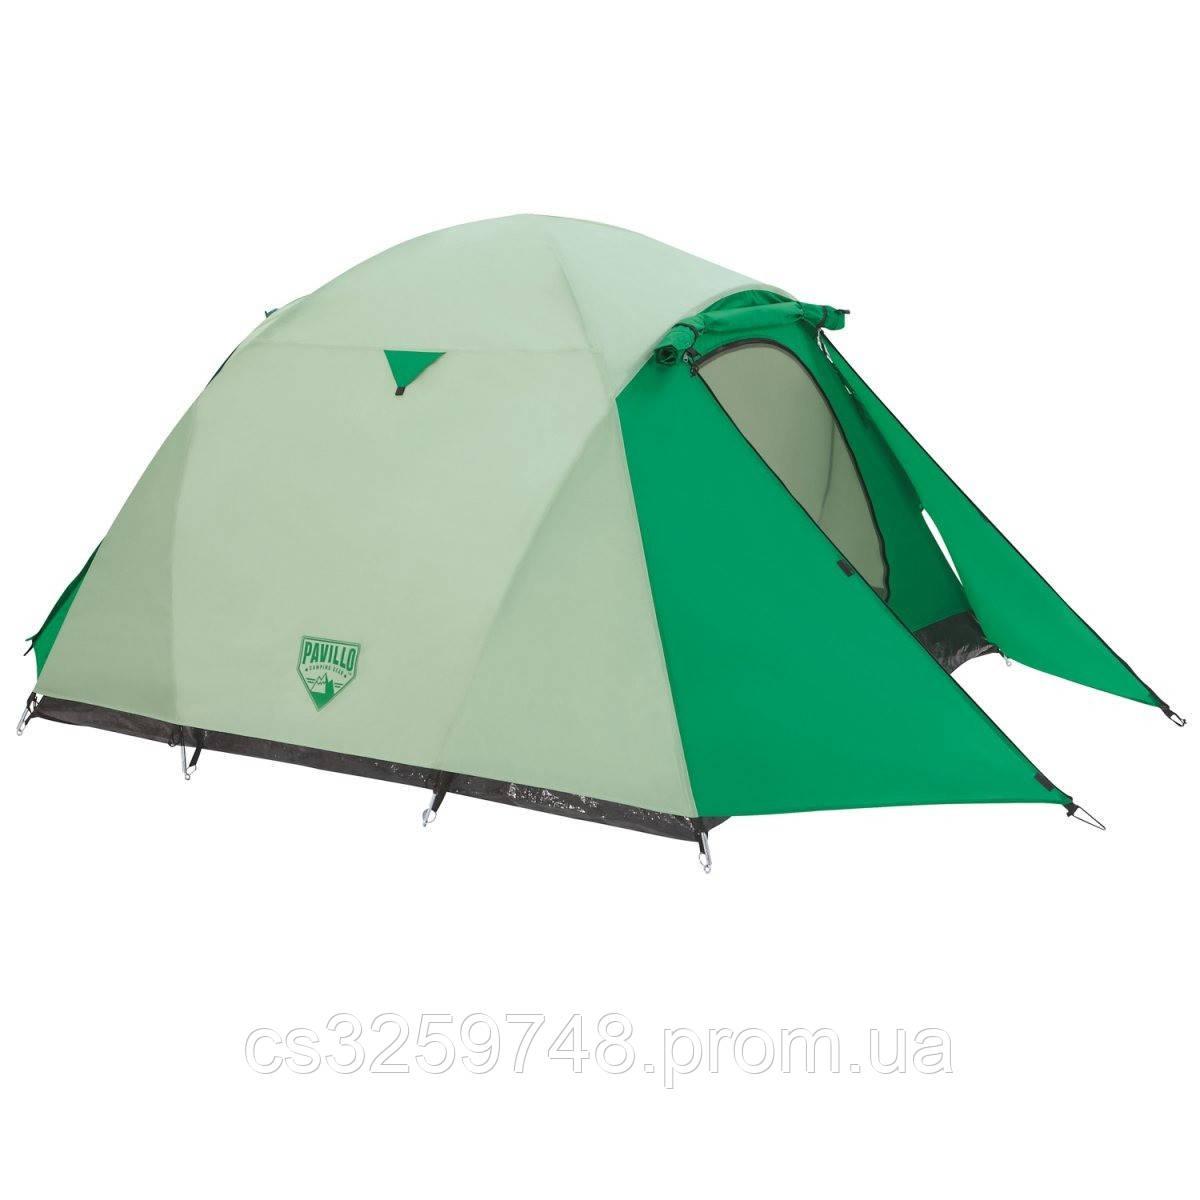 Палатка туристична 68046 (70+200+70)*180*125 см), 3-місна, антимоскітна сітка, сумка